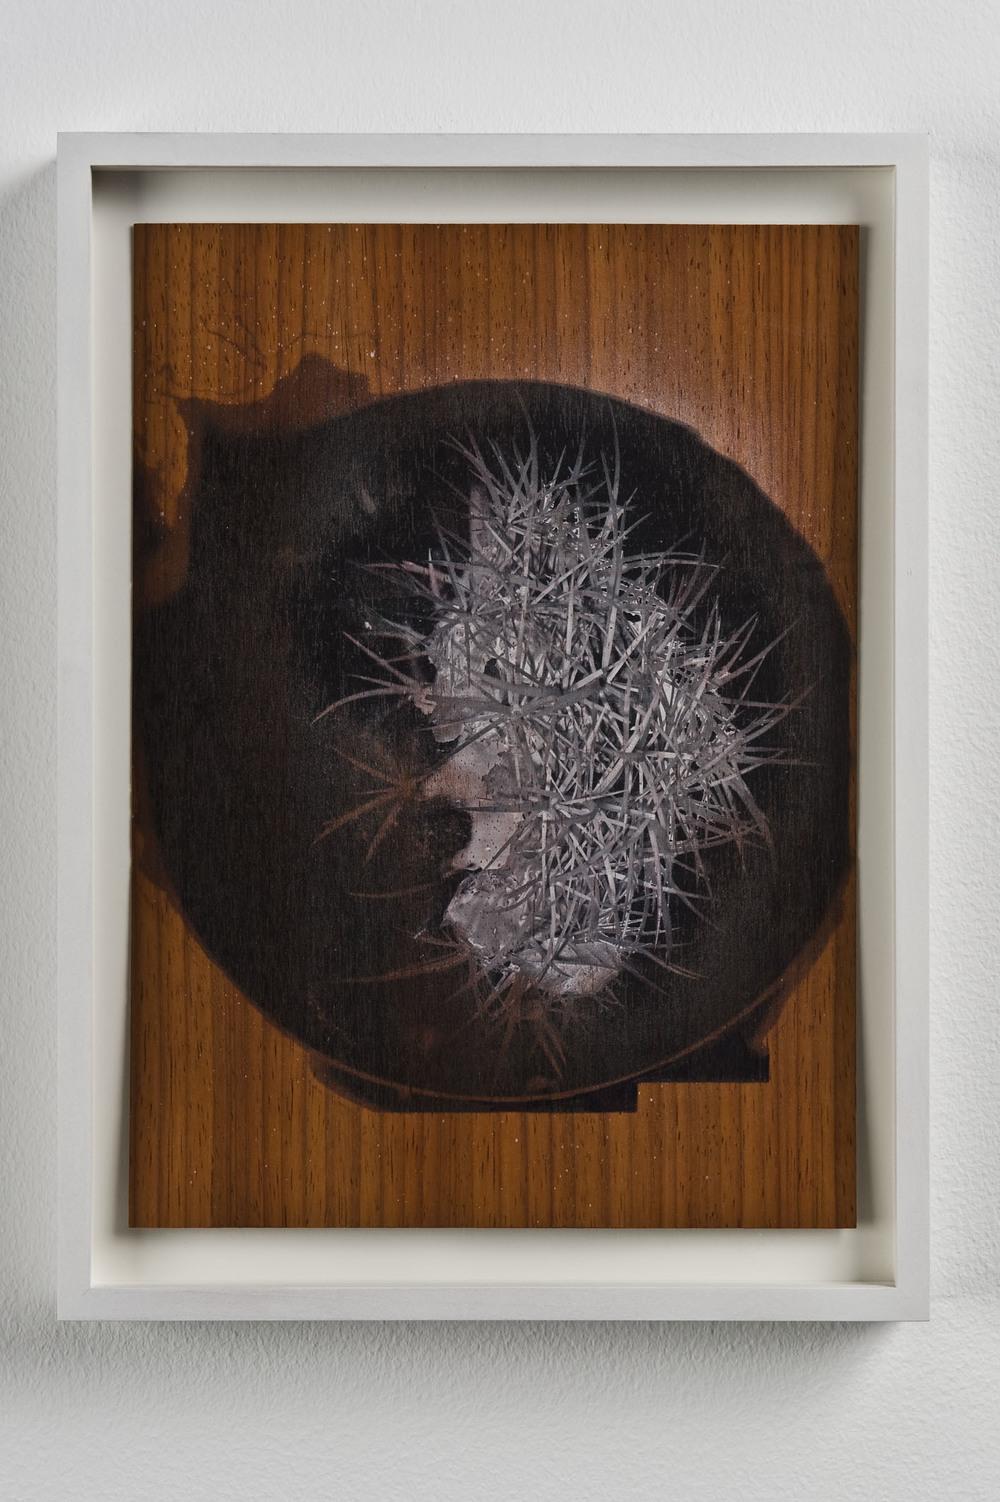 Luca Trevisani, Perscrutamini naturas rerum C, 2011. Stampa UV su legno di ciliegio, 29,7 x 21 cm  (Courtesy Galleria Mehdi Chouakri, Berlino)